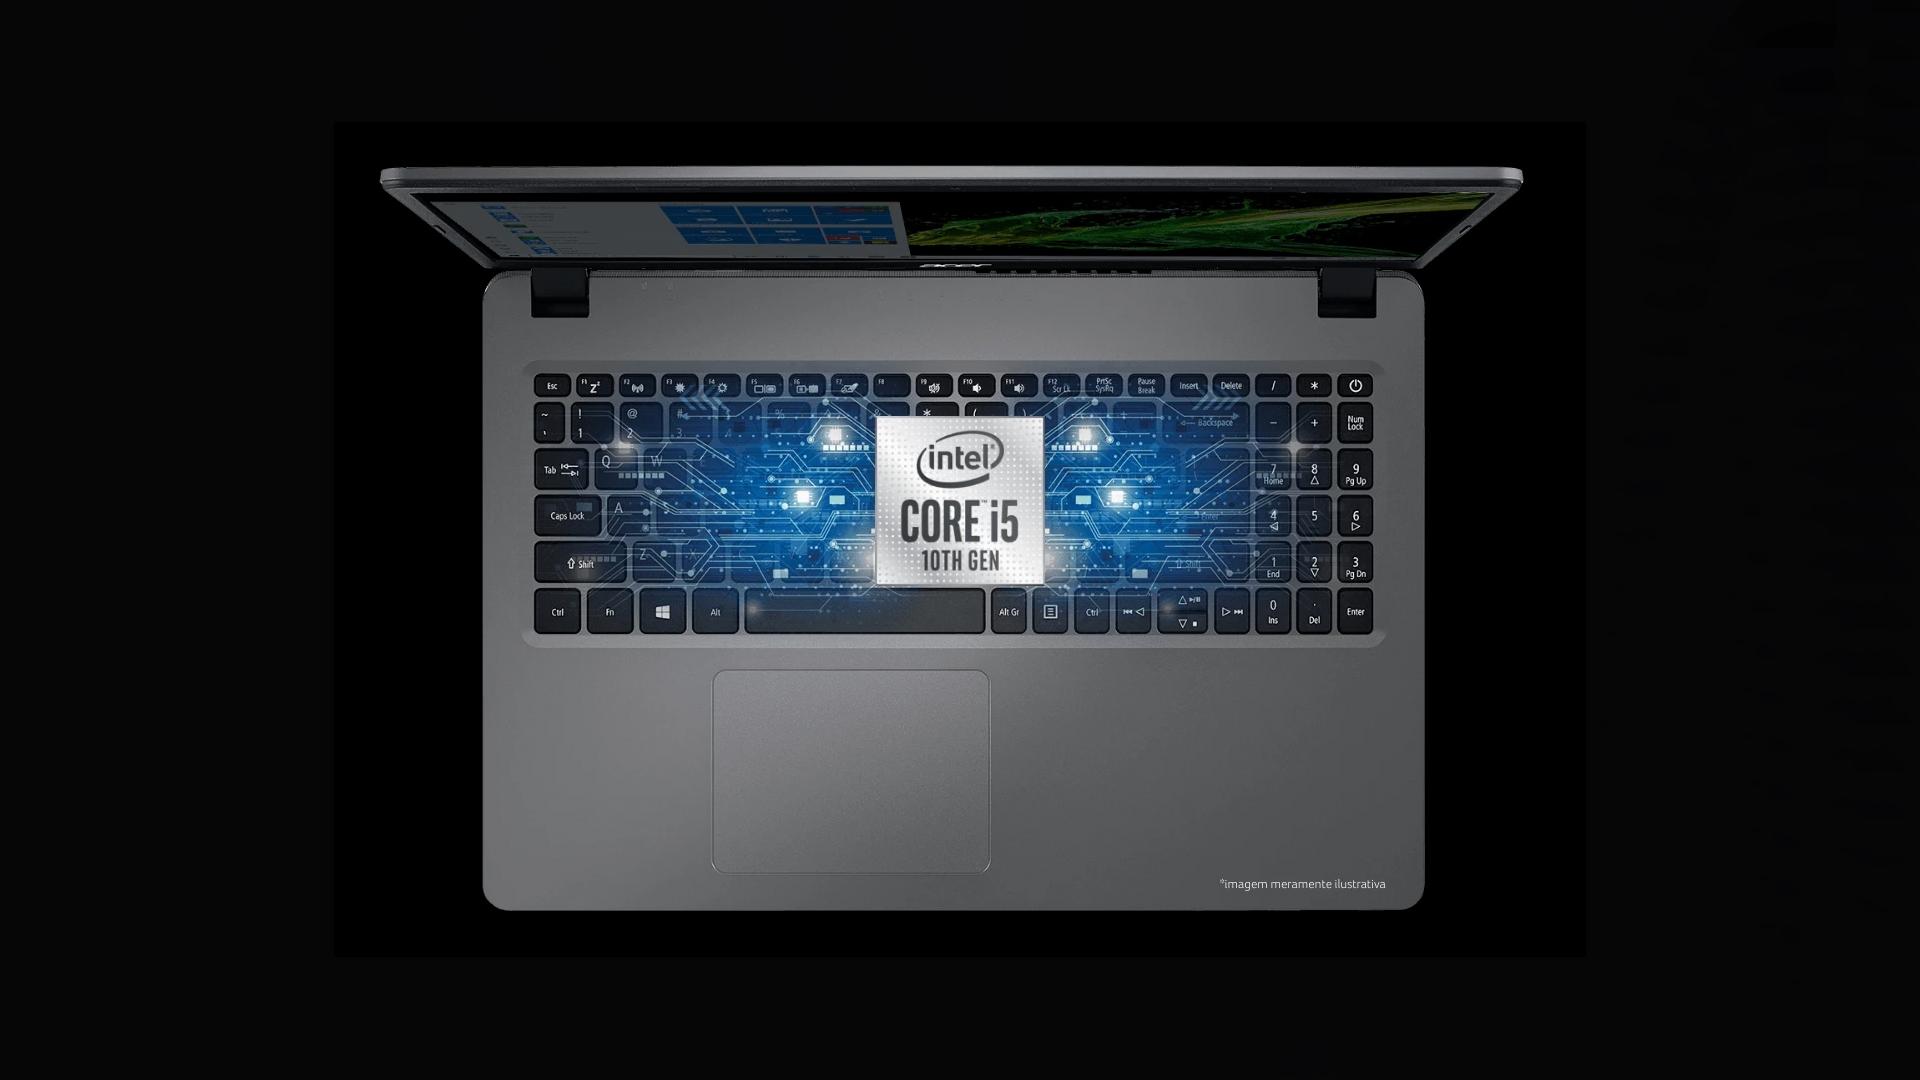 Hardware do Acer Aspire 3 - A315-54-54B1